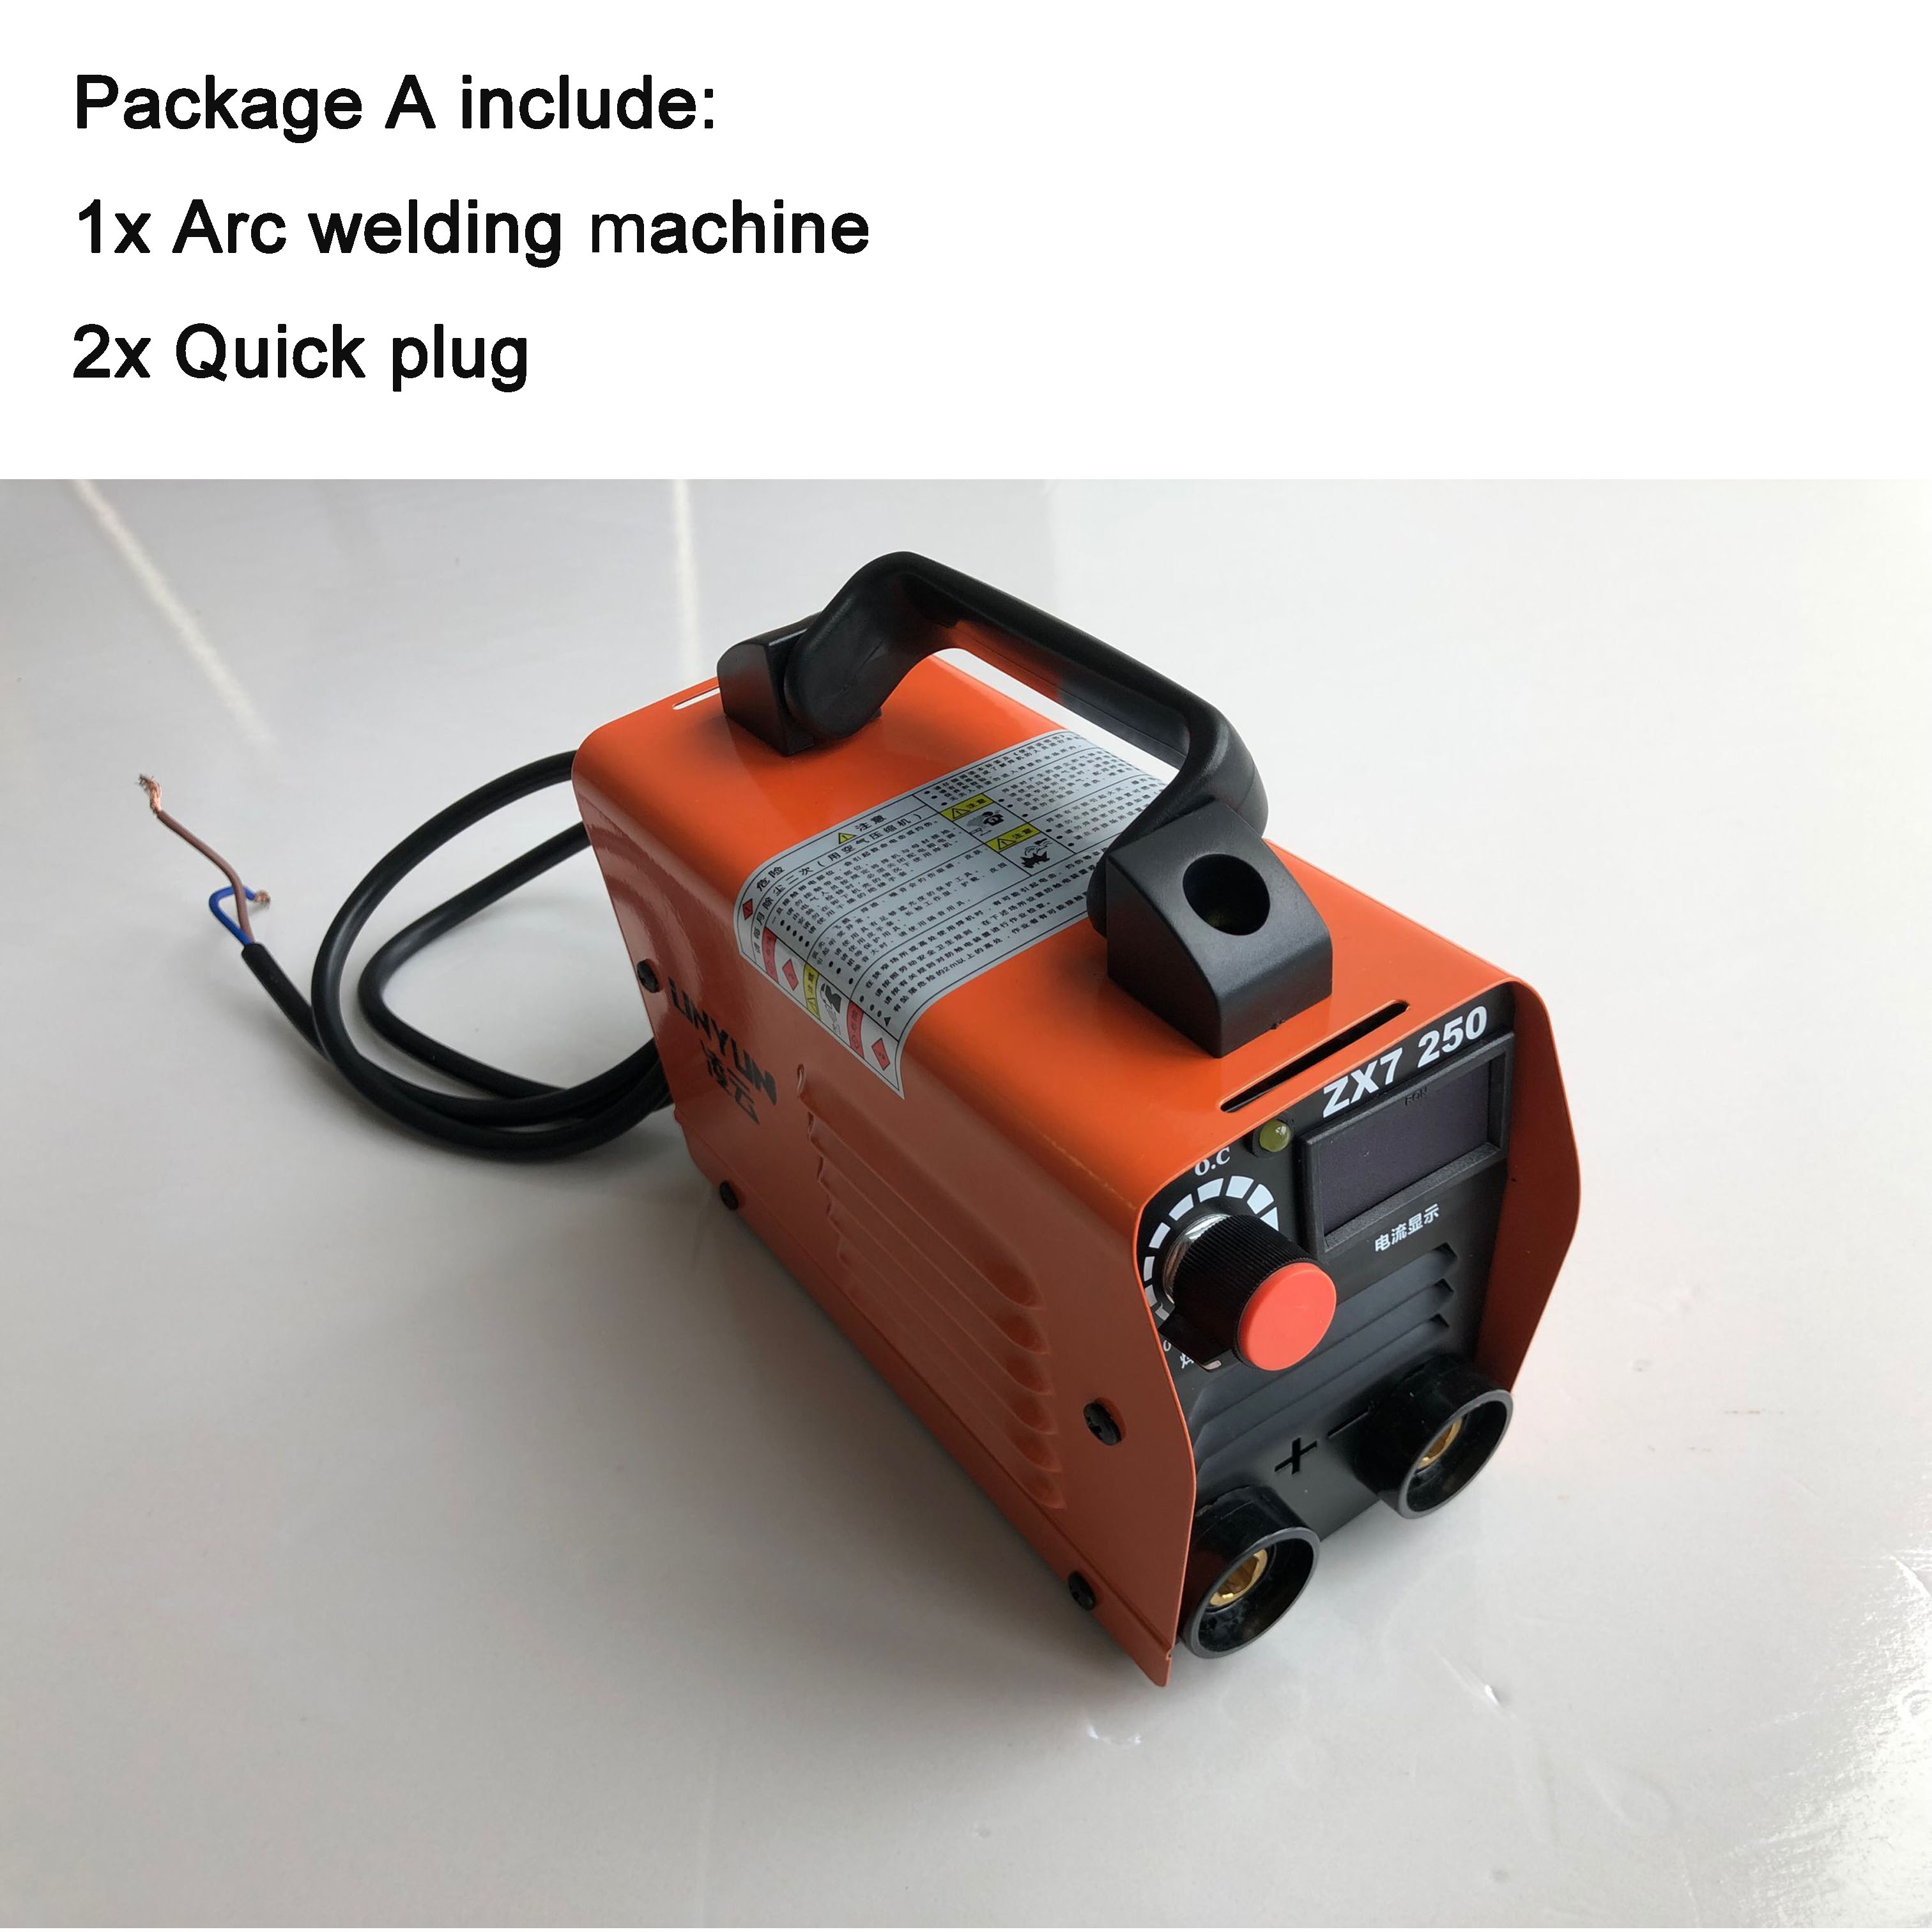 RU lieferung Elektrische arc schweißer inverter Elektrische Schweißen Maschine 200A arc schweißer inverter für Schweißen Arbeits und Elektrische